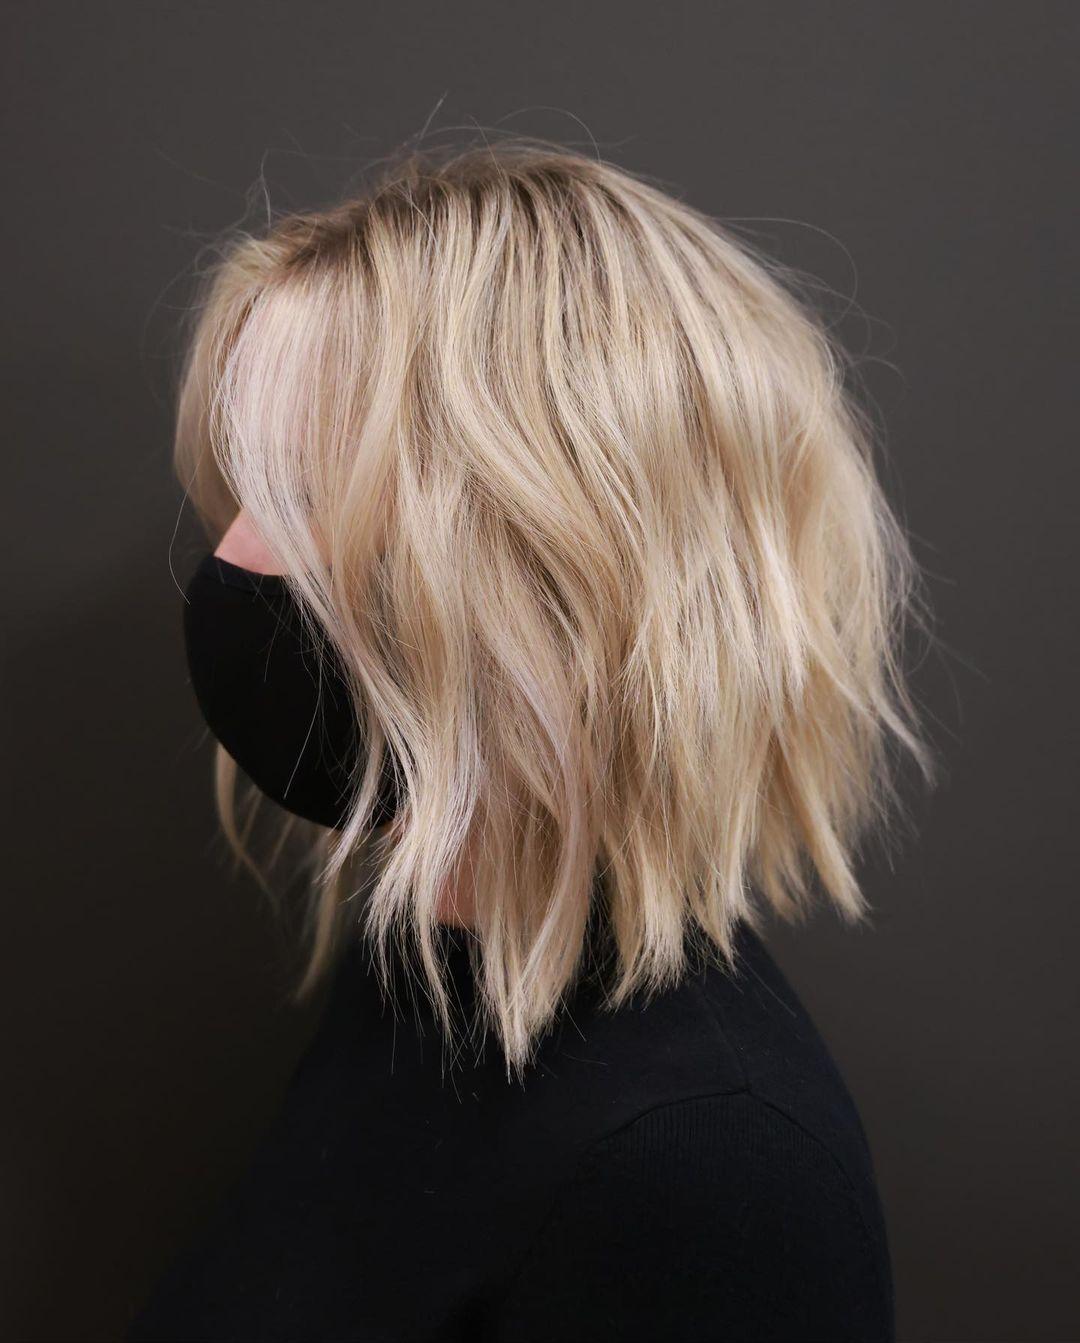 Medium Length Hair with Shaggy Layers